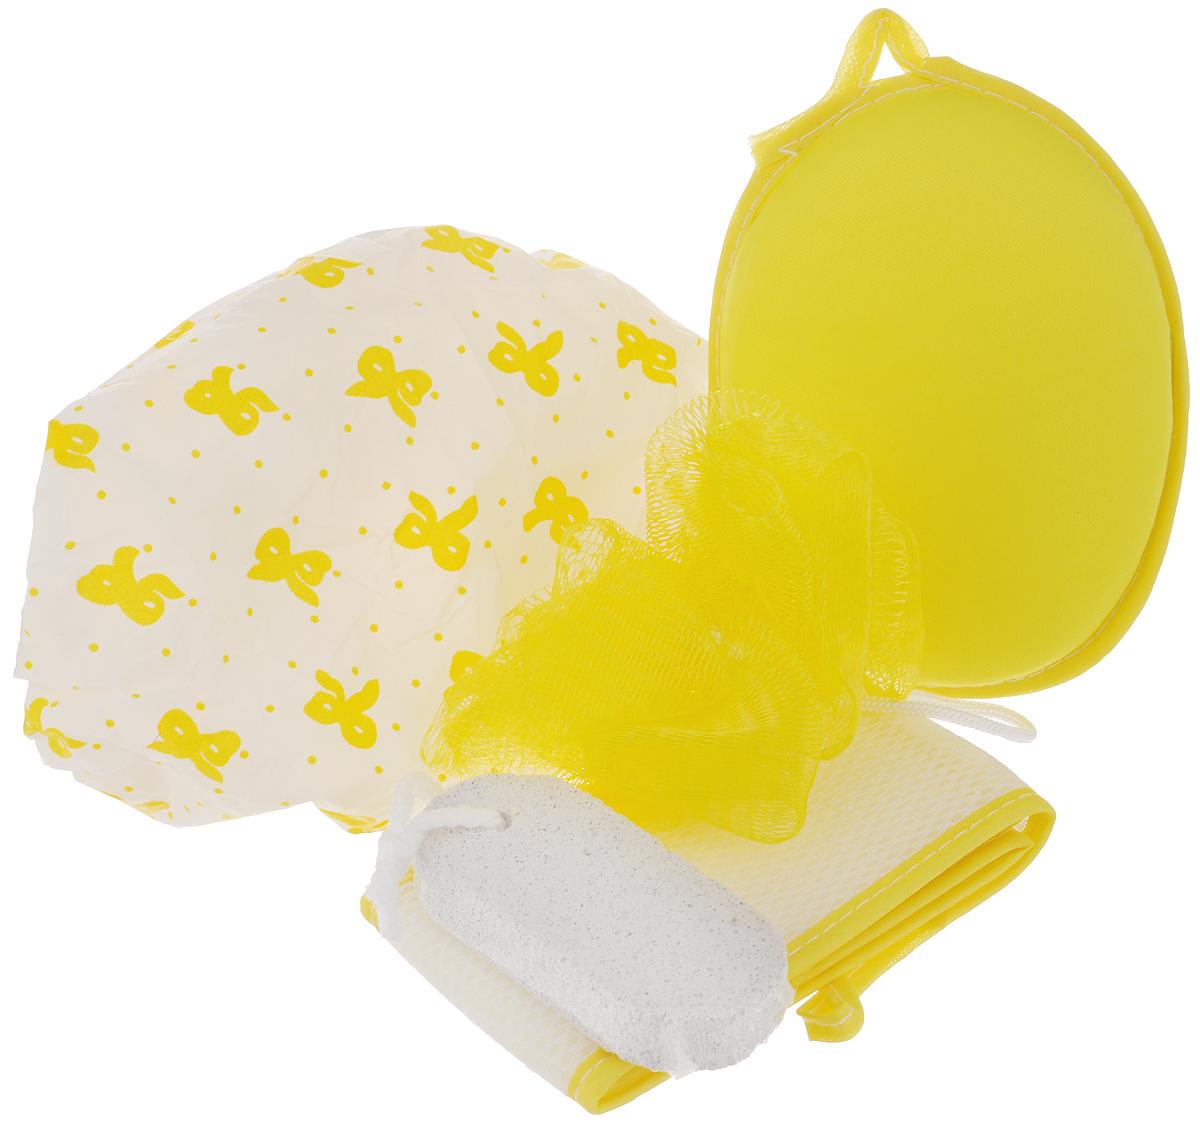 Набор банный Дом и все, что в нем, цвет: желтый, белый, 5 предметов820-862_желтыйБанный набор Дом и все, что в нем, изготовленный из полимерных материалов, состоит из трех мочалок, шапочки для душа и пемзы. Мочалки предназначены для мягкого очищения кожи. Прекрасно взбивают мыло и гель для душа, дают обильную пену, обладают легким массажным воздействием, идеально подходят для нежной и чувствительной кожи. Пемза эффективно удалит огрубевшую, сухую кожу ступней и локтей, делая их мягкими и гладкими. Шапочка защитит волосы от намокания во время принятия душа.Диаметр основания шапочки: 27 см.Высота шапочки: 19 см.Диаметр мочалки-помпона: 9 см.Длина мочалки с ручками: 56 см.Размер мочалки-овала: 15 см х 12 см х 3 см.Размер пемзы: 9,5 см х 4,5 см х 1,5 см.